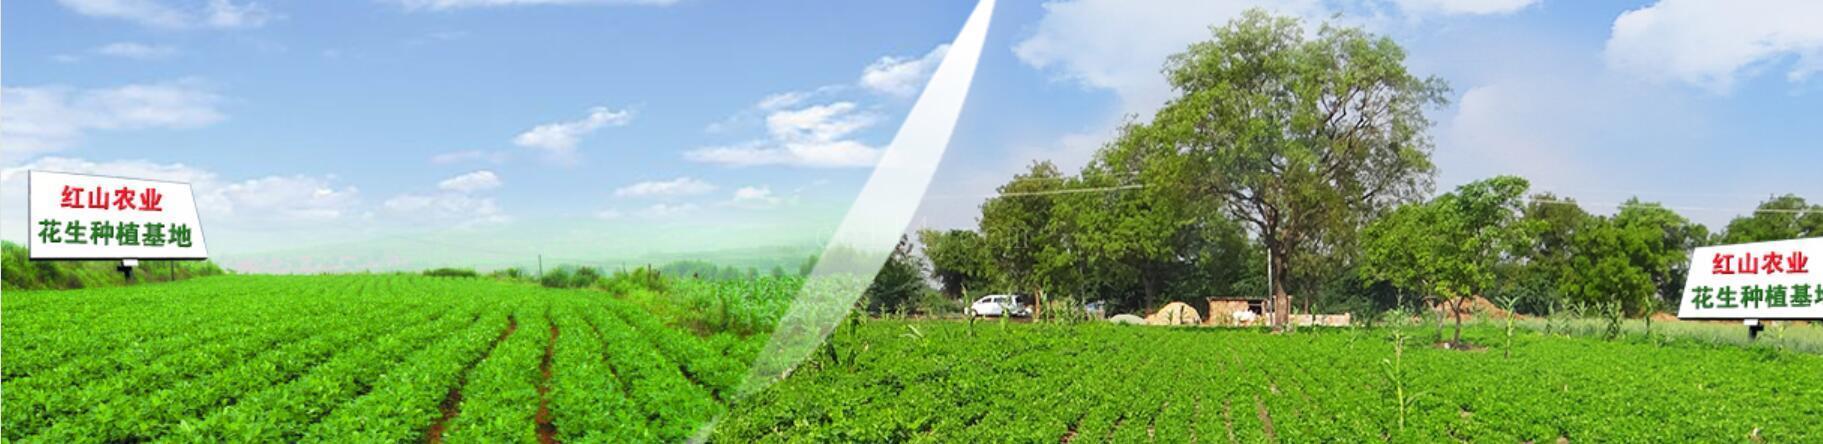 公司简介-龙岩市红山农业开发有限公司